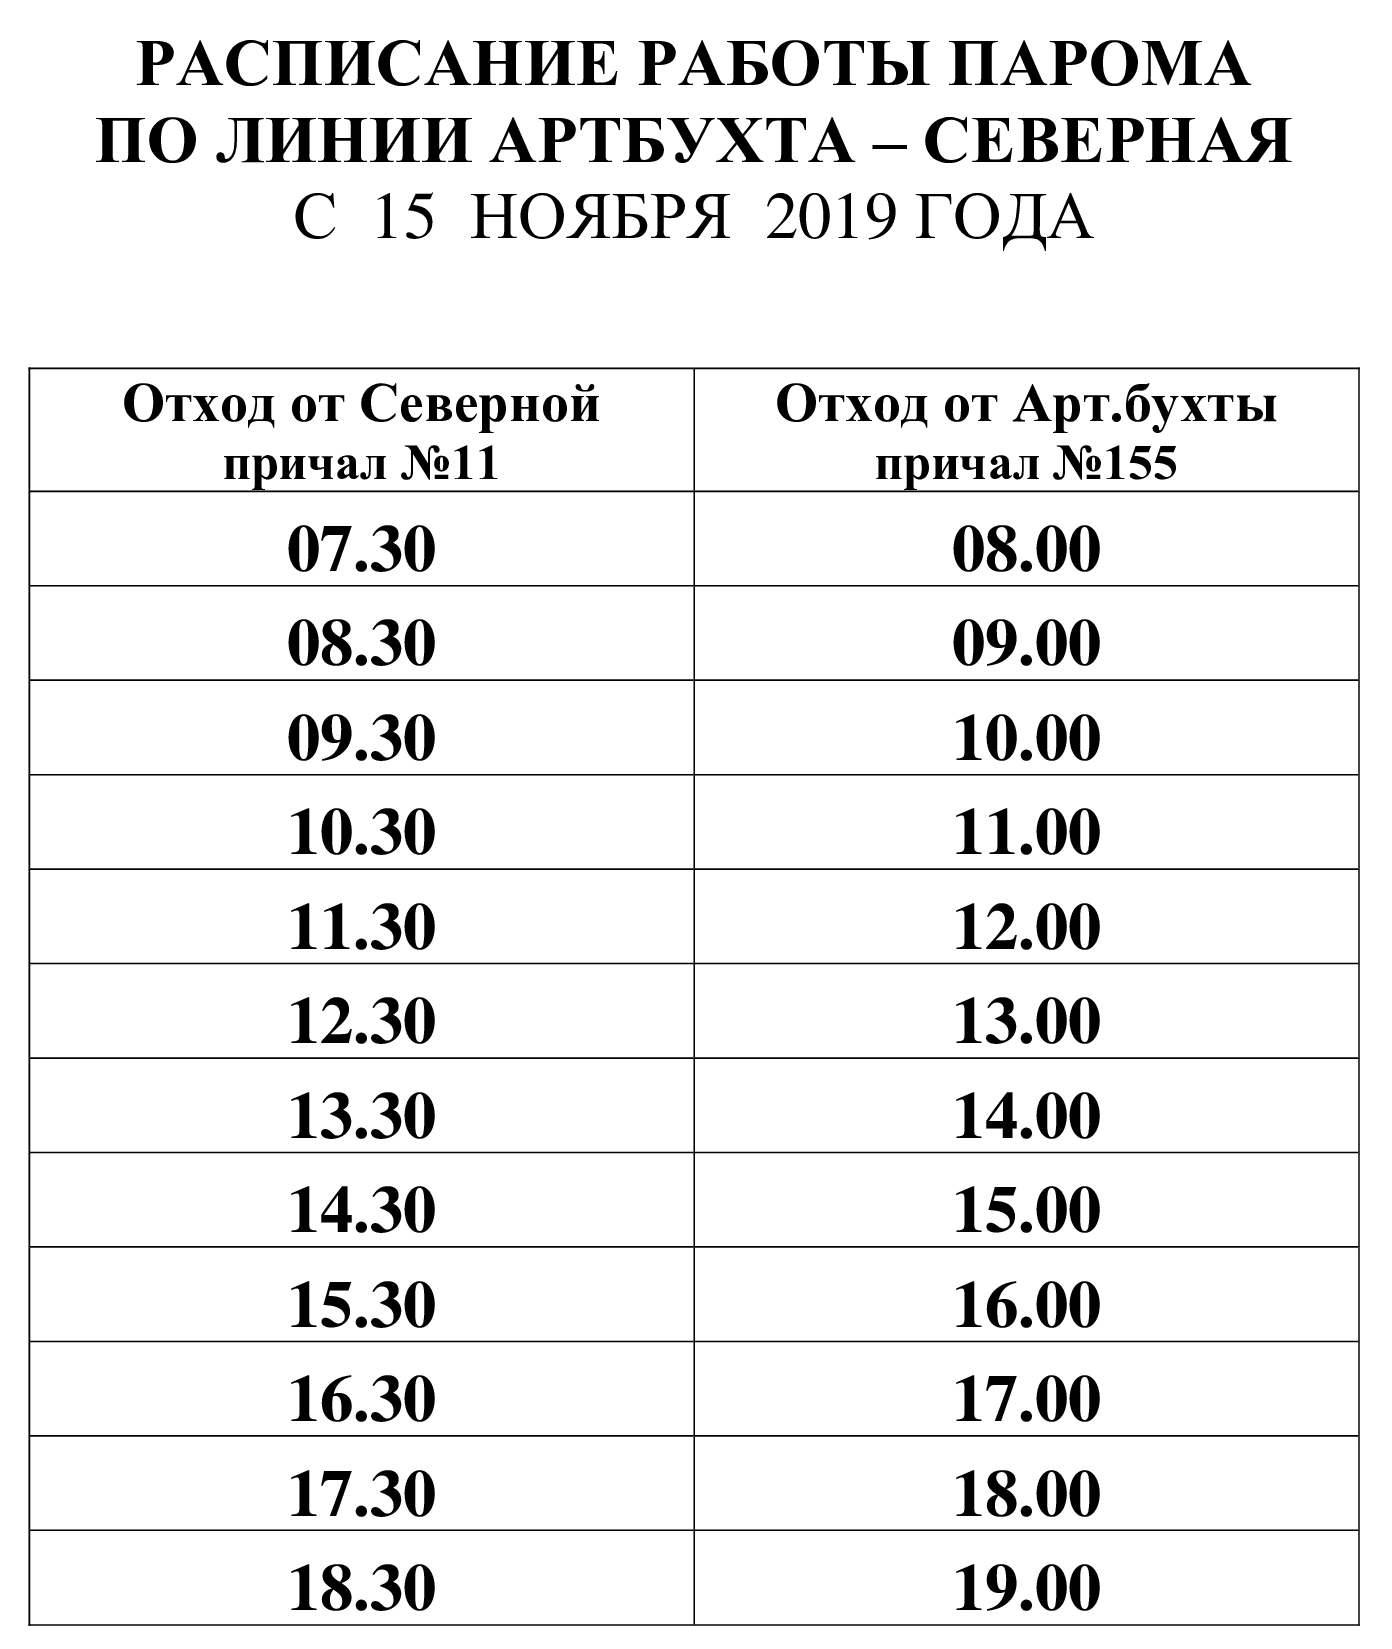 Паром в Севастополе перешел на зимнее расписание 2